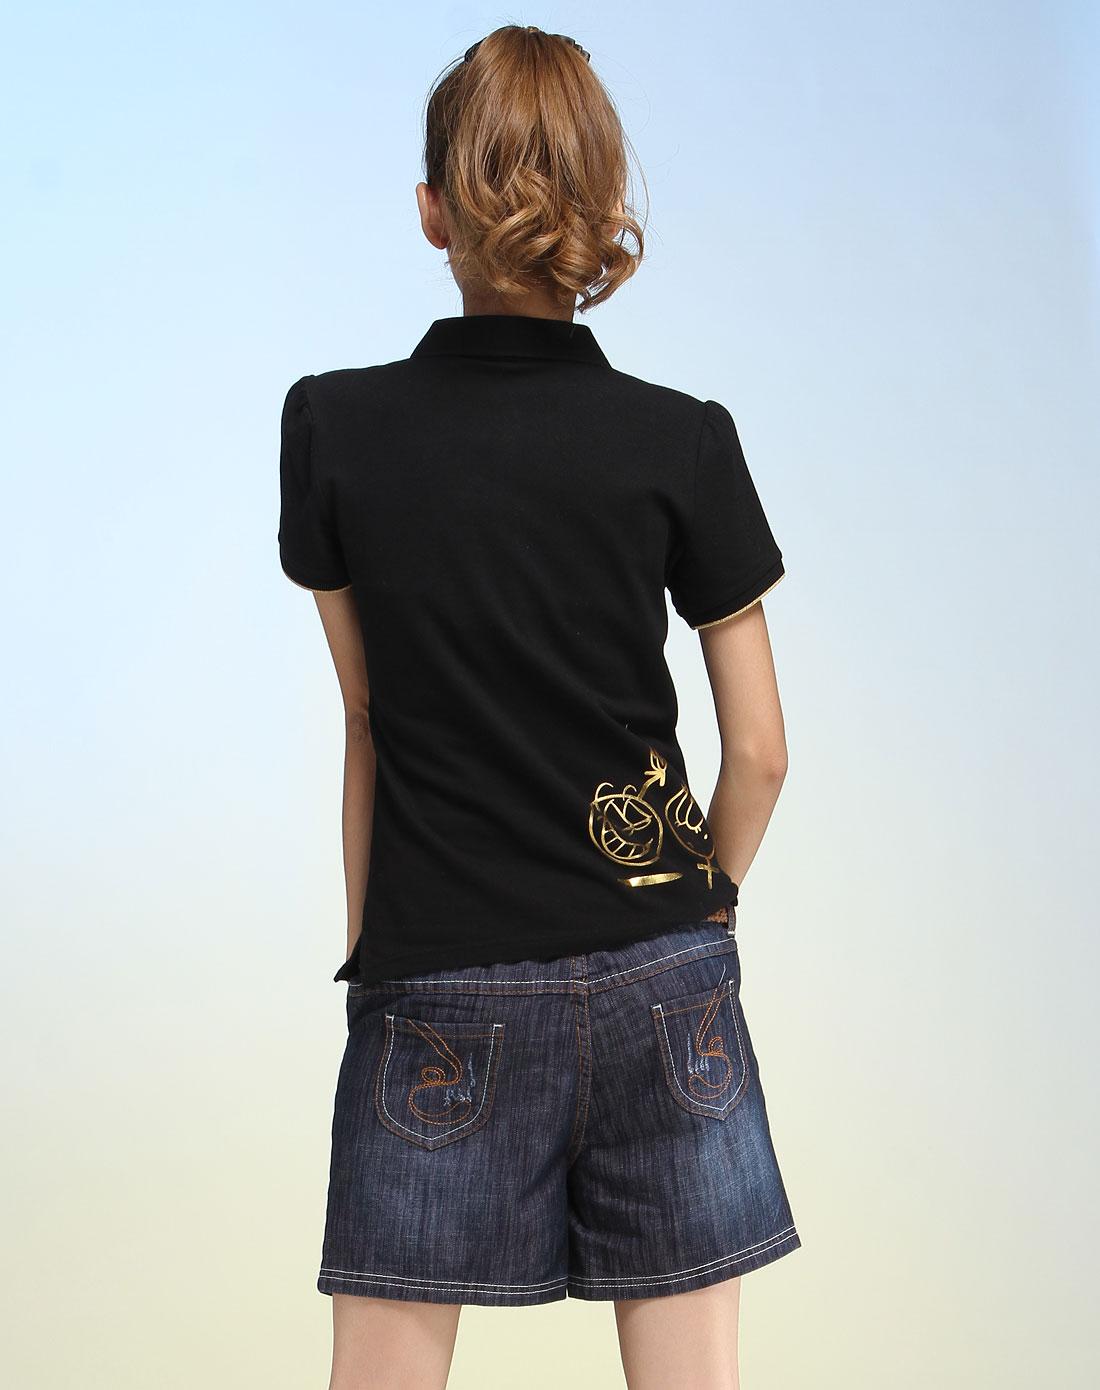 黑色经典简约短袖t恤